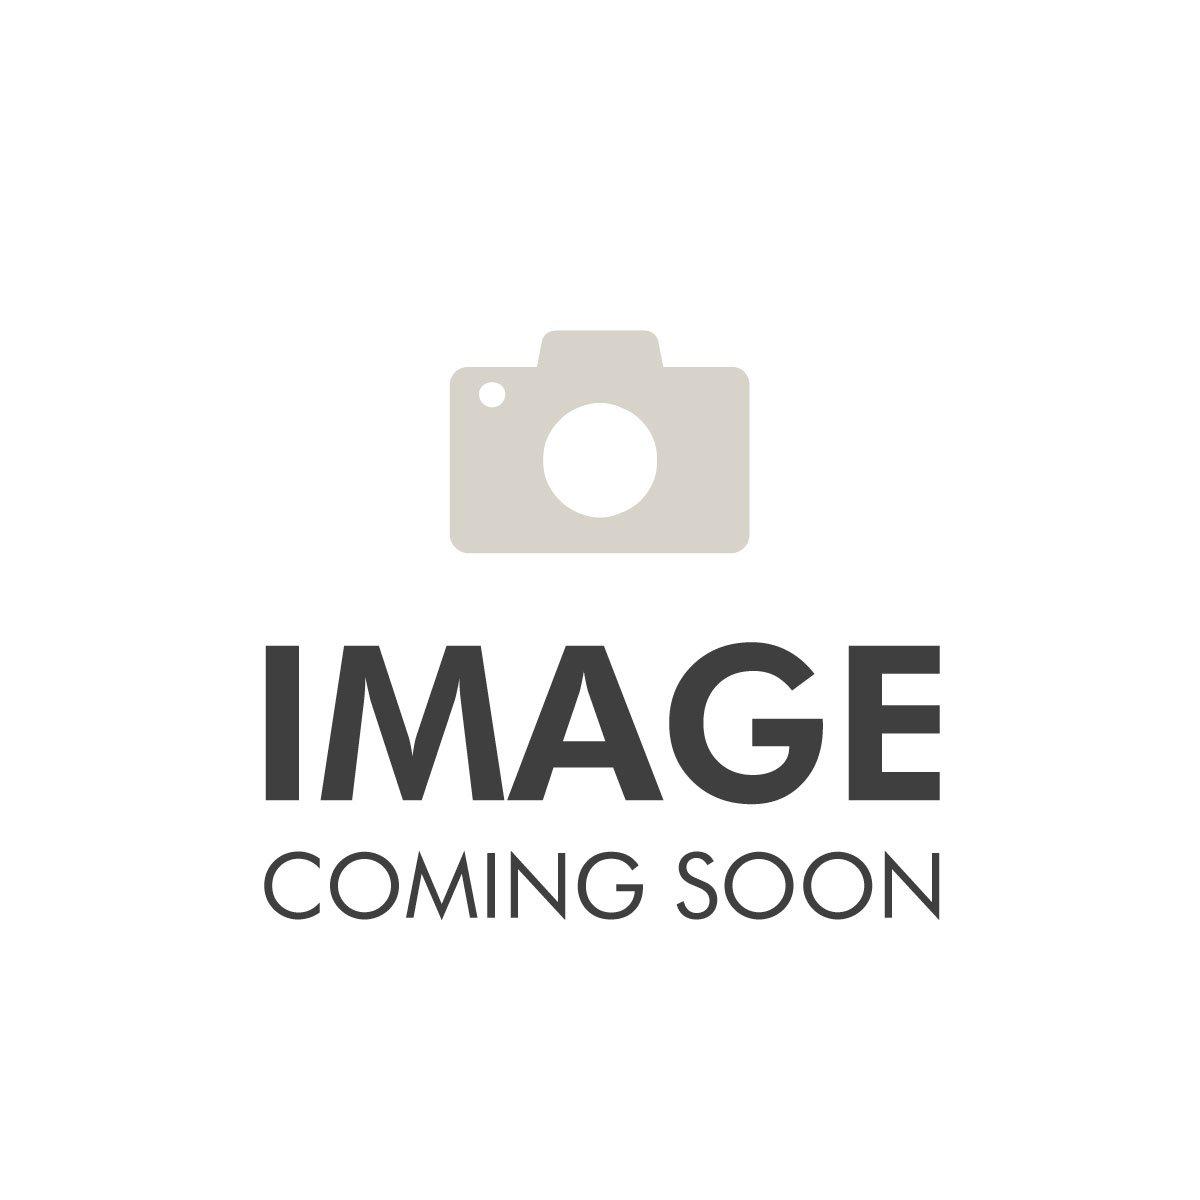 Schermasport - Vis de pointe d'épée (10-Pack)